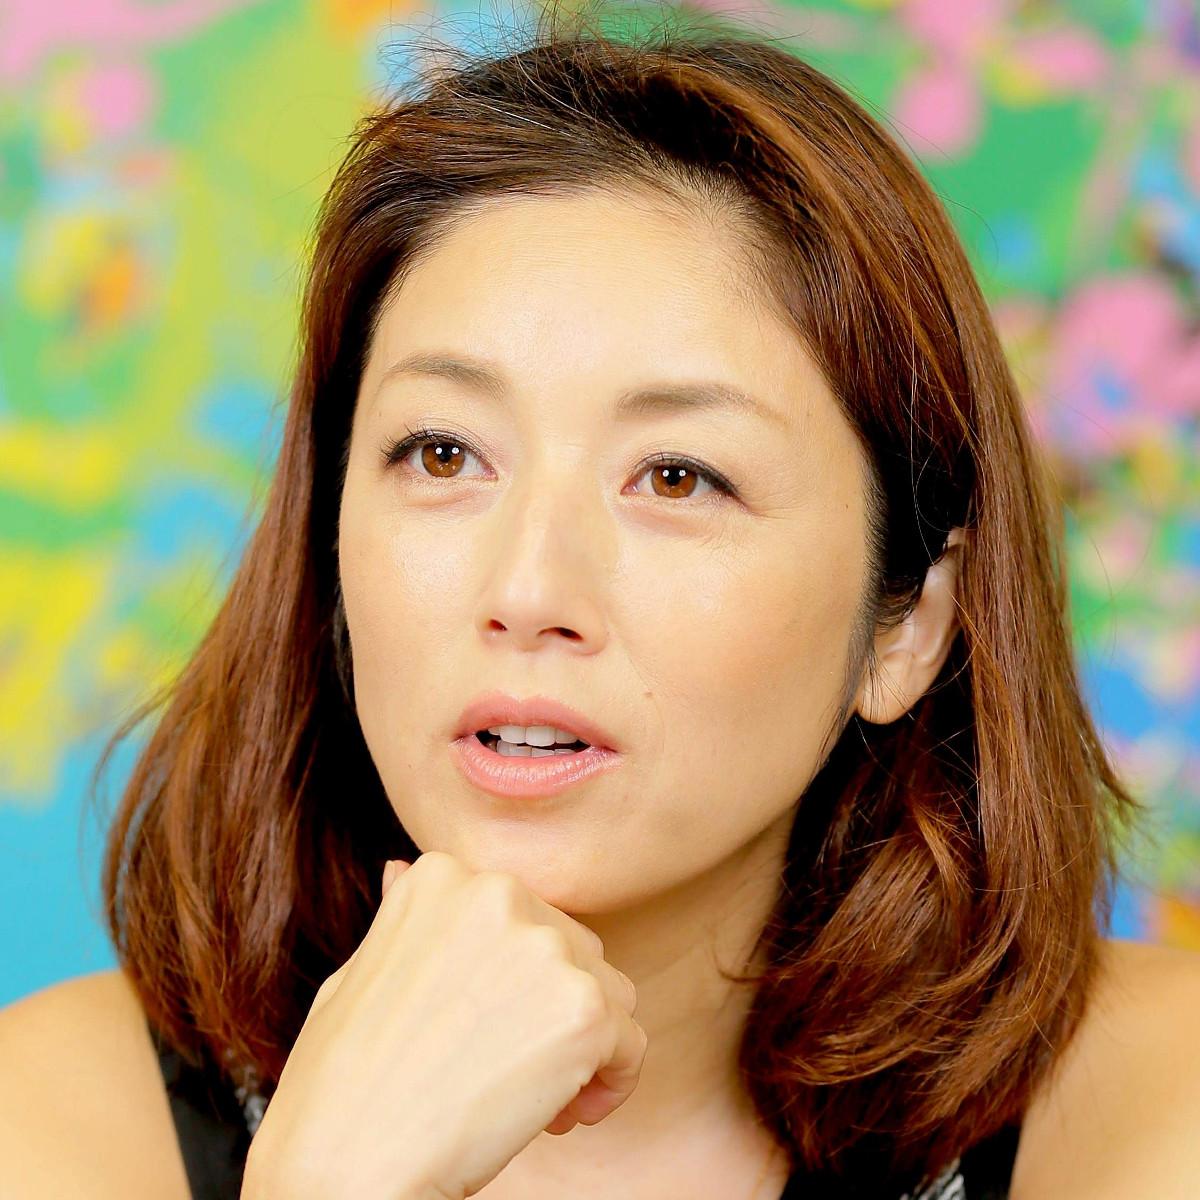 高岡早紀、10歳長女の全身ショットを公開「すっかり素敵なお姉さん」「背伸びた?」 : スポーツ報知